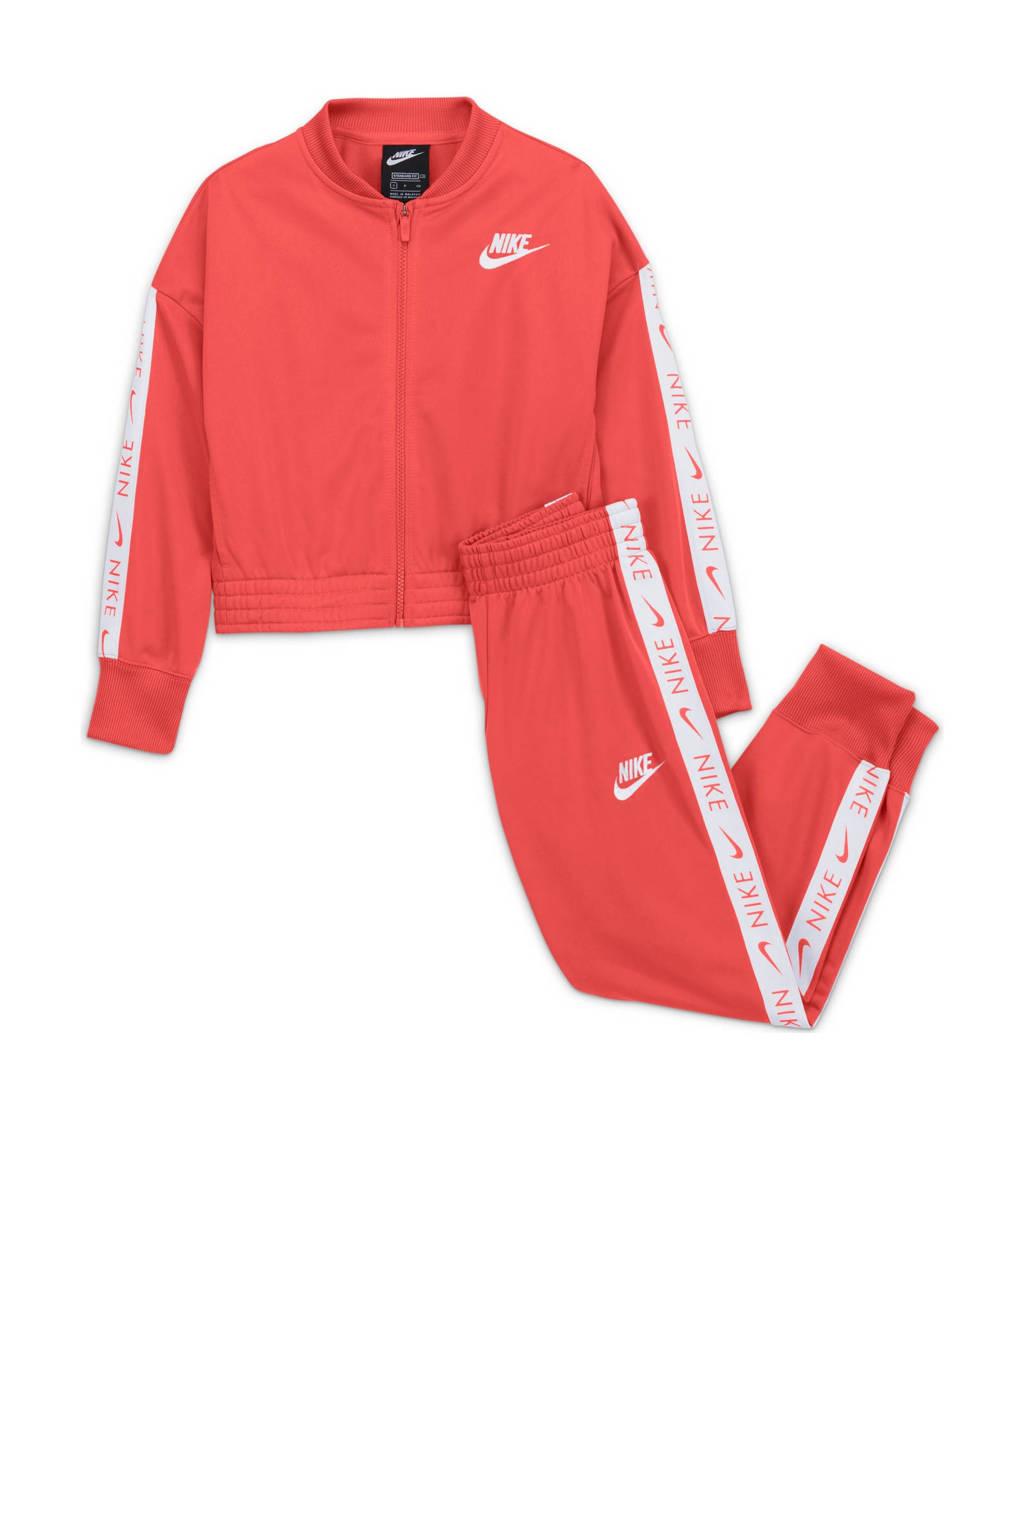 Nike trainingspak oranje/wit, Oranje/wit